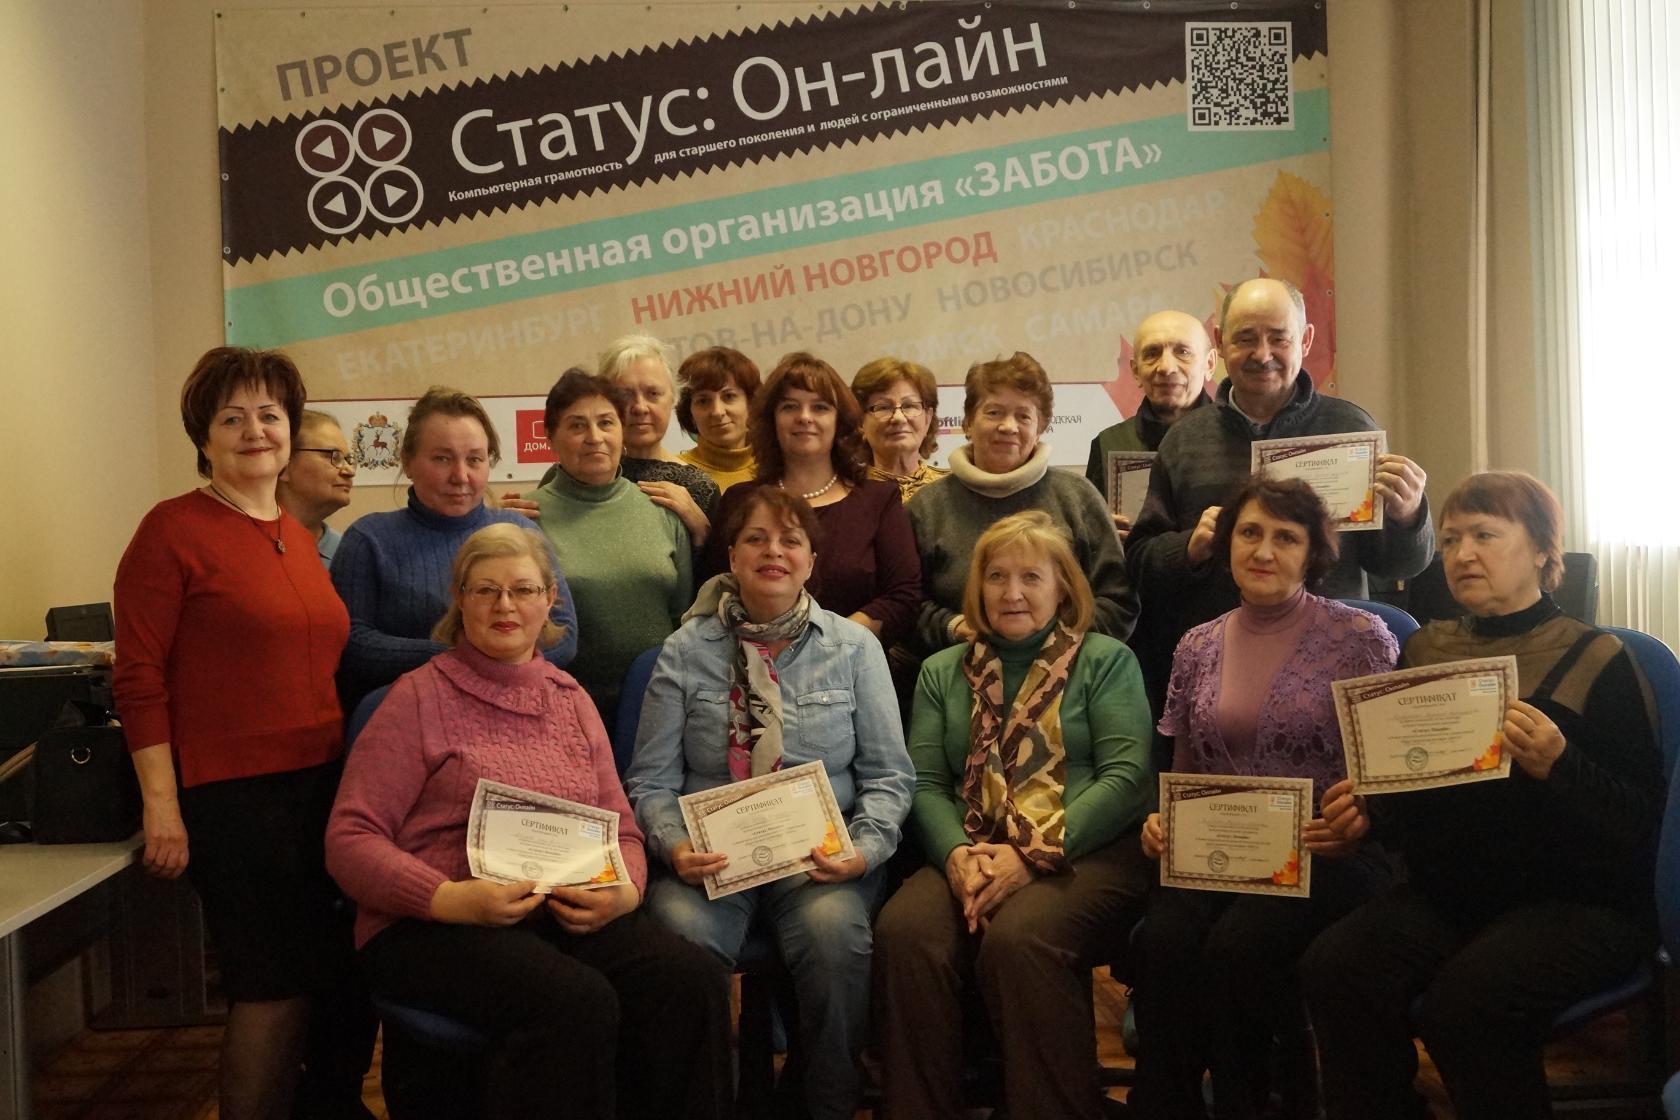 Выпускной группы повышения юридической грамотности март в НРБОО «Забота»